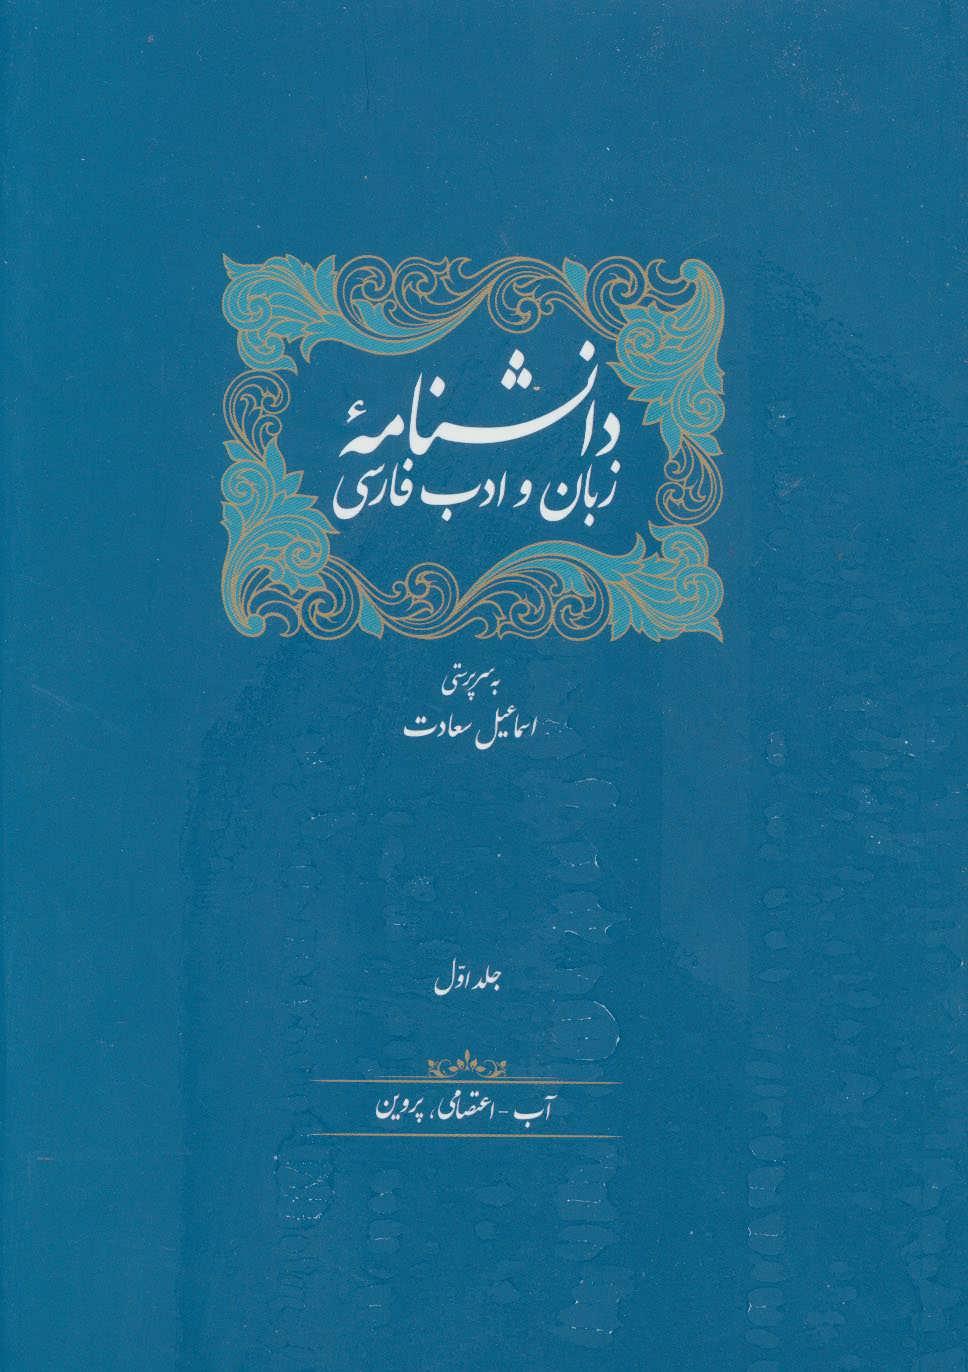 مجموعه دانشنامه زبان و ادب فارسی (12جلدی،باجعبه)